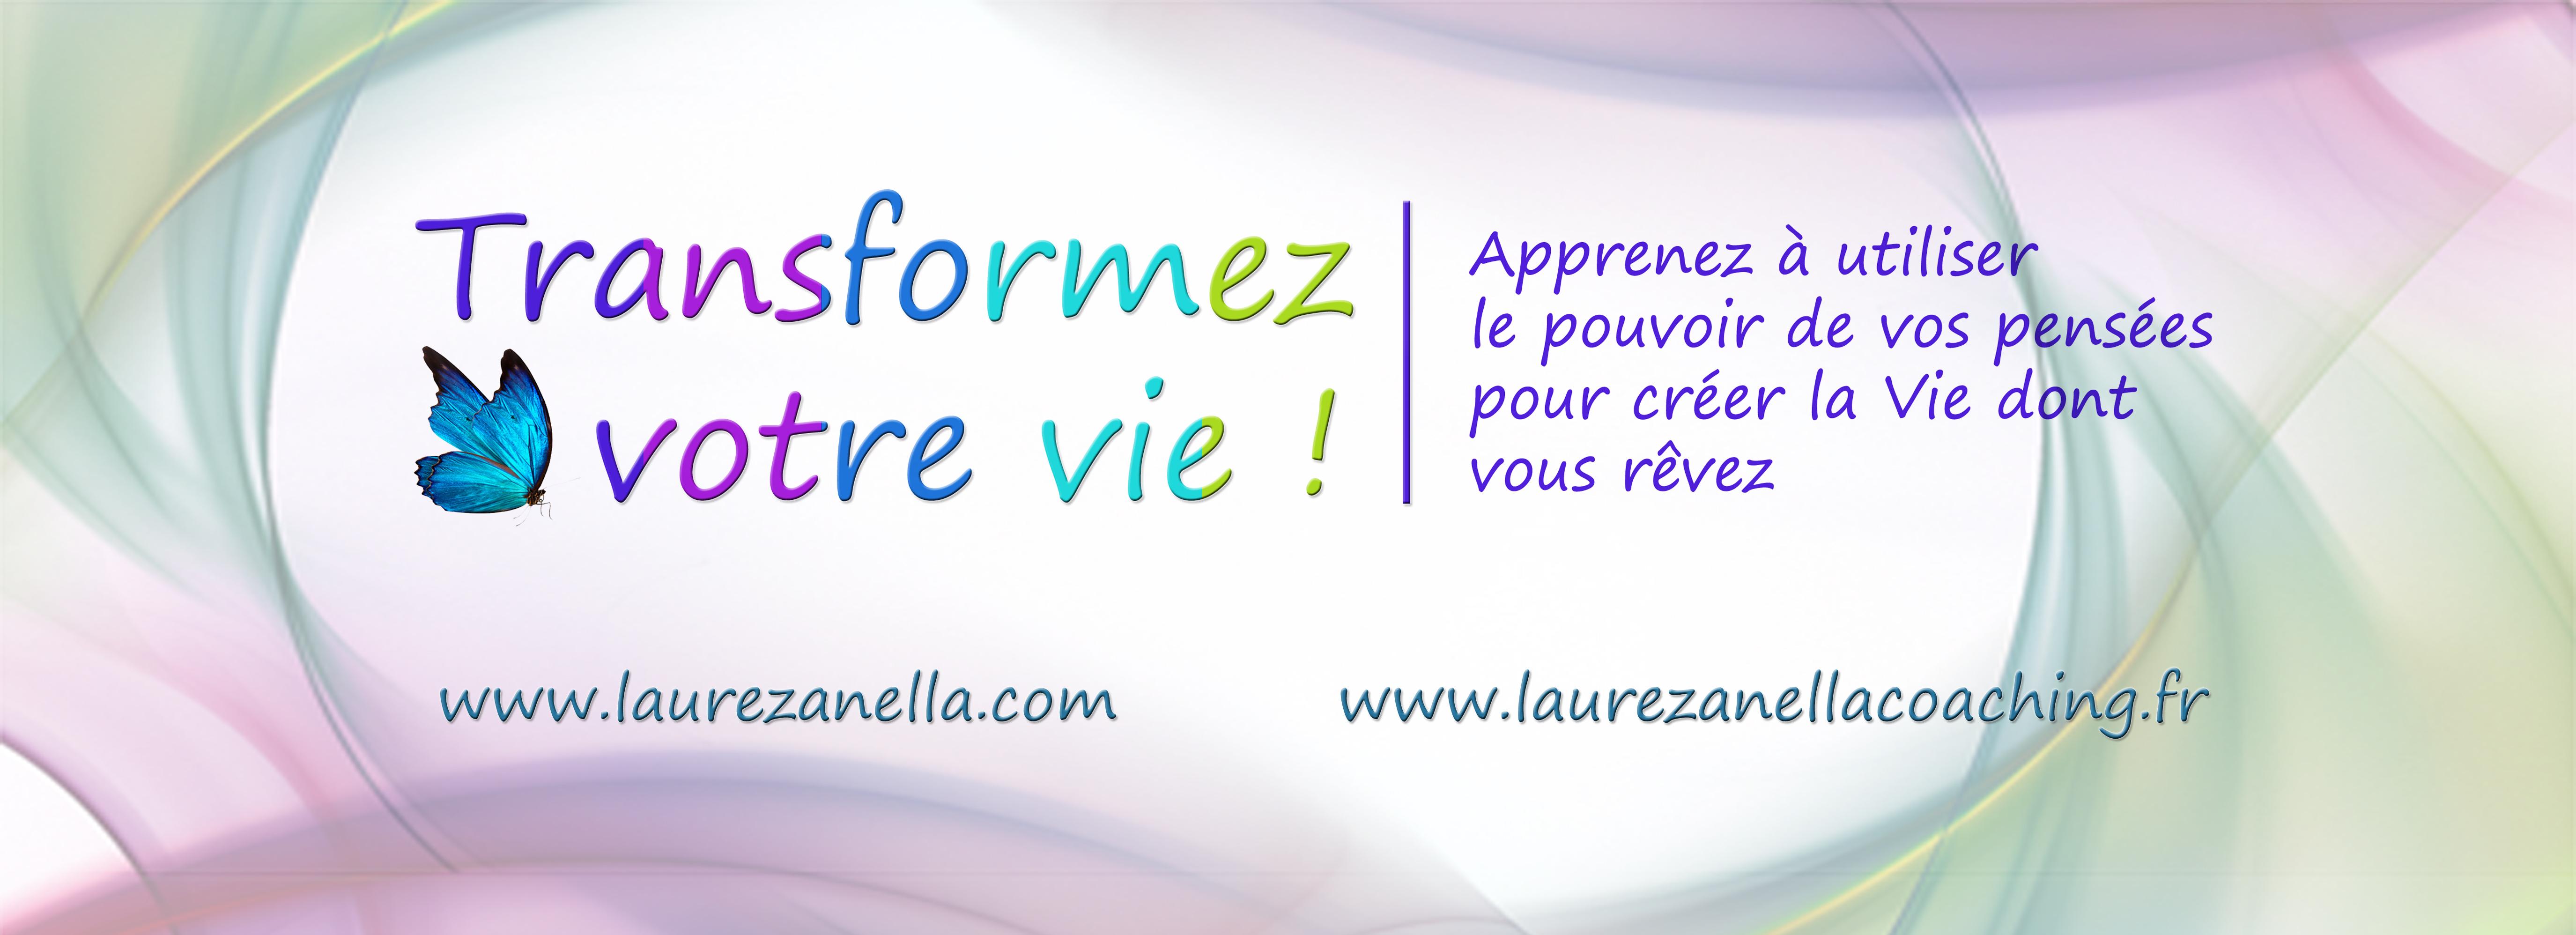 Laure Zanella